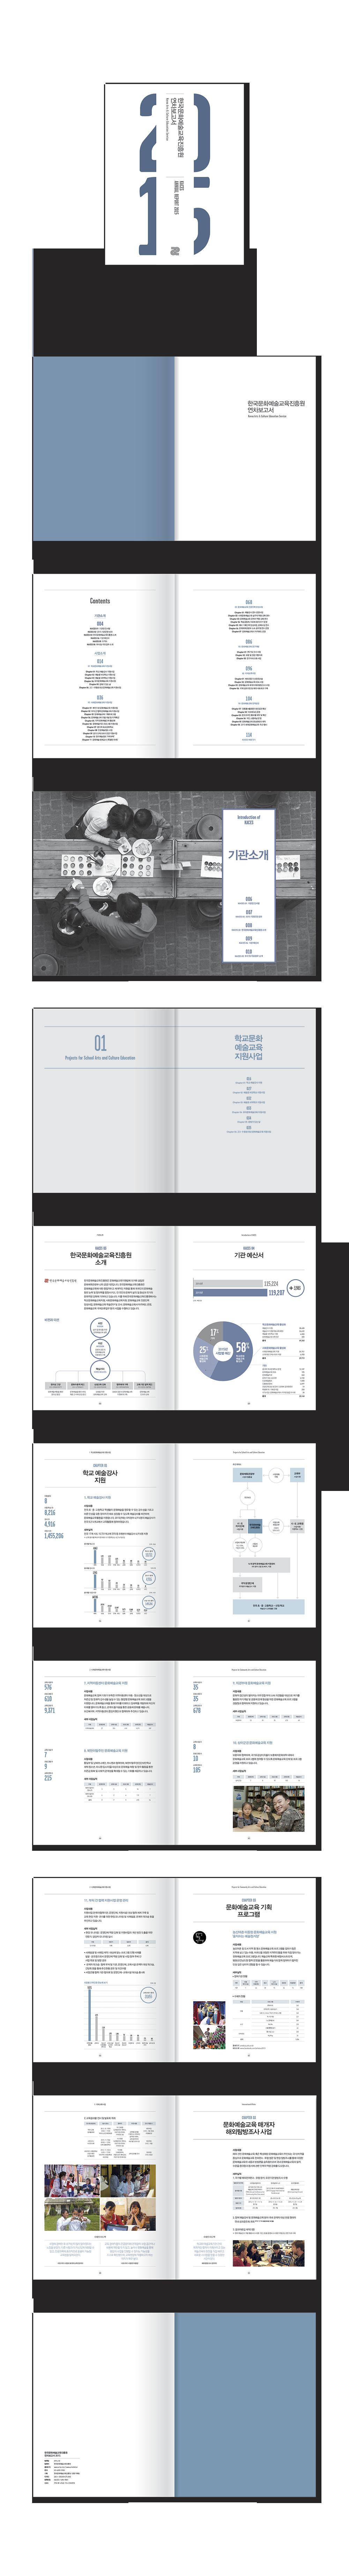 KACES_2016-layout2